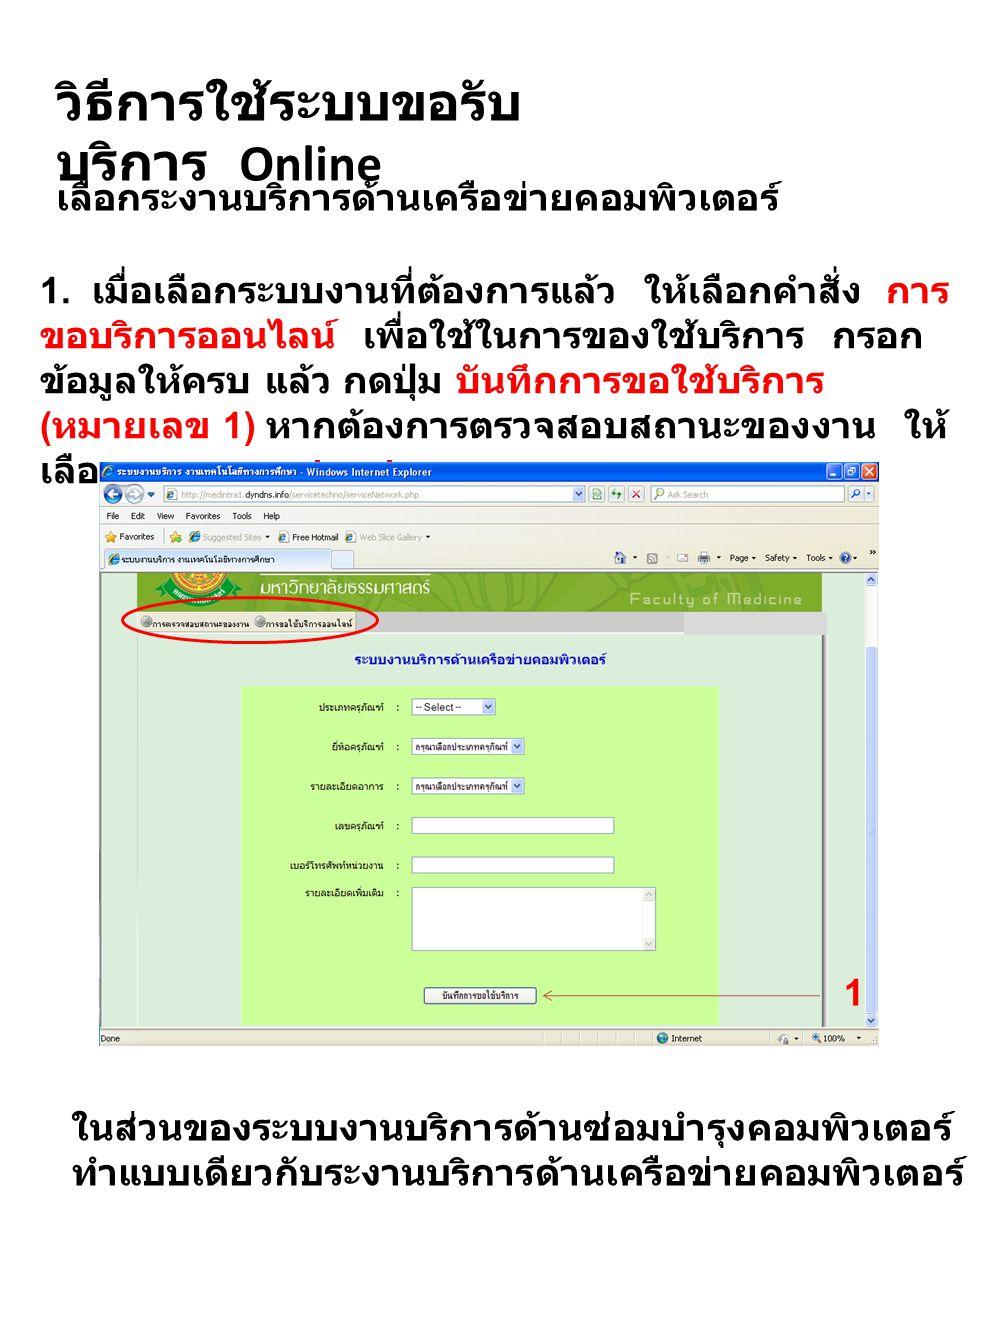 วิธีการใช้ระบบขอรับ บริการ Online เลือกระงานบริการด้านเครือข่ายคอมพิวเตอร์ 1.